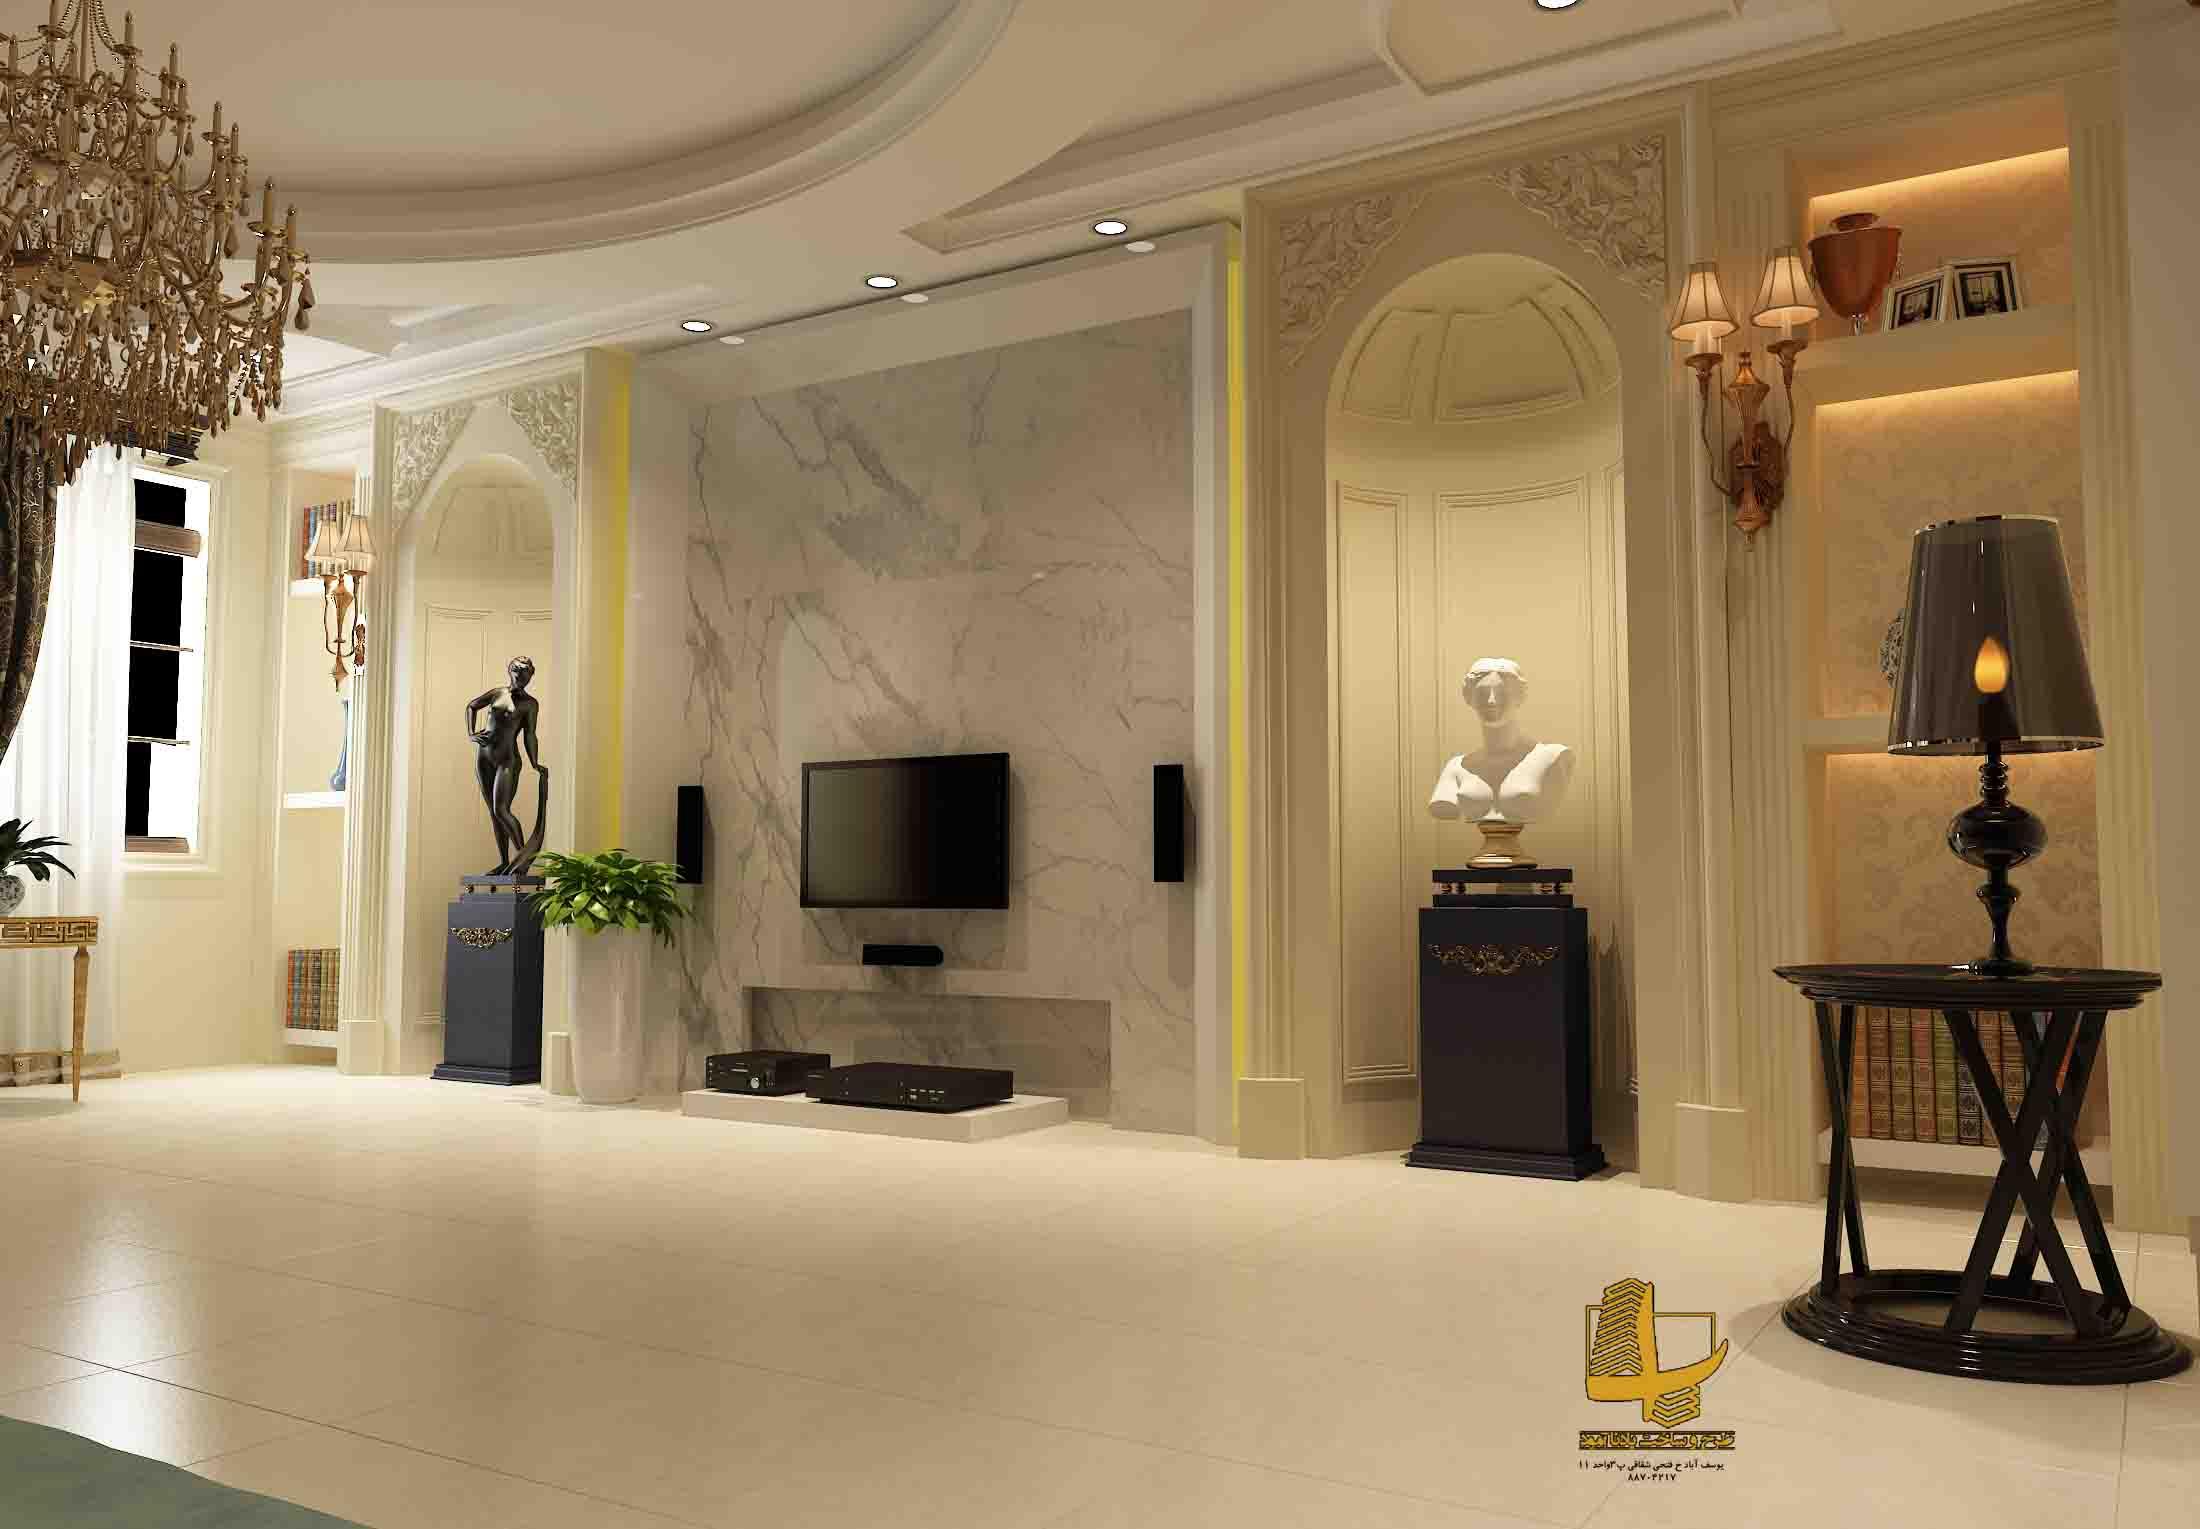 طراحی داخلی_مسکونی